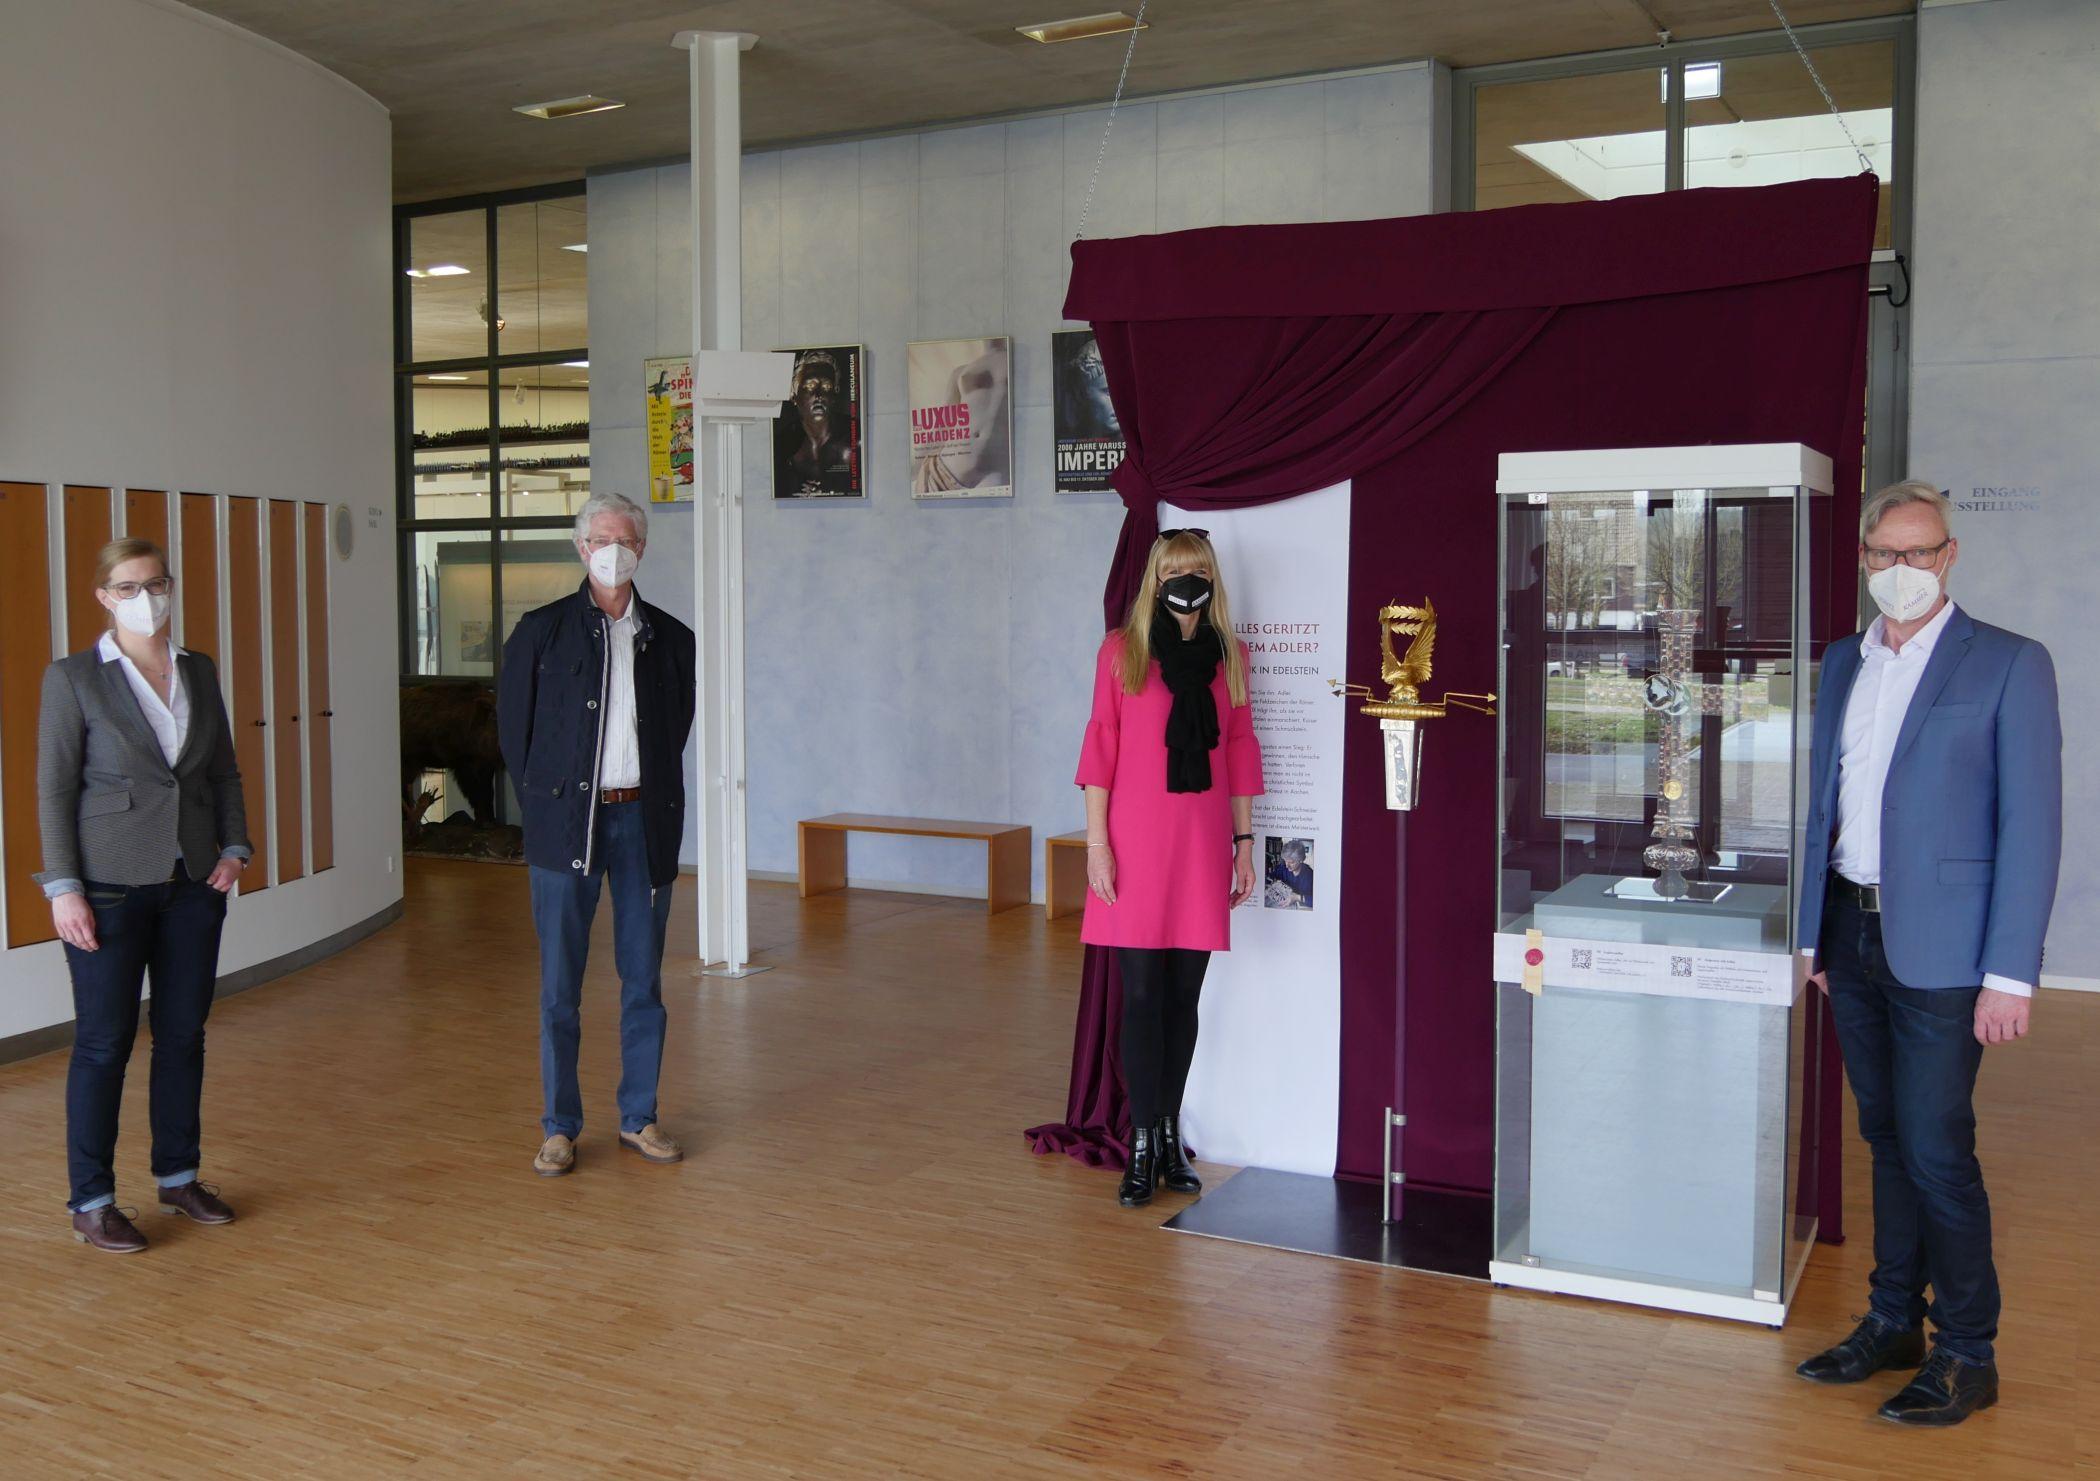 Museumsleiter Dr. Josef Mühlenbrock. LWL-Kulturdezernentin Dr. Barbara Rüschoff-Parzinger, der Künstler Gerhard Schmidt und die Museumspädagogin Lisa Stratmann (v.r.n.l.) eröffnen die